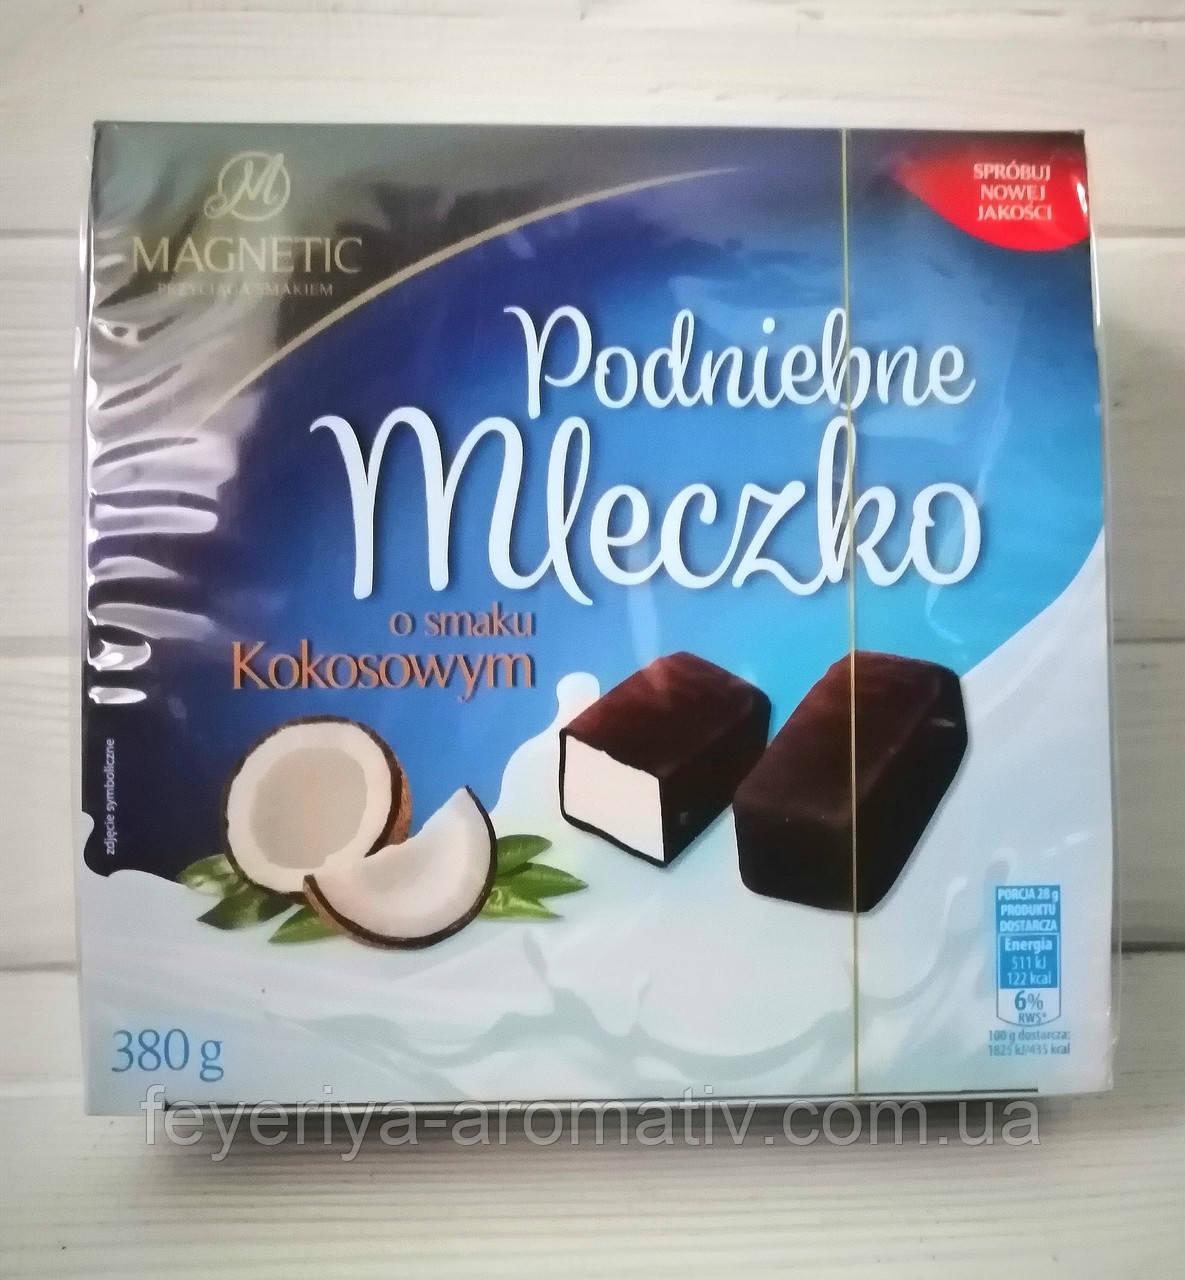 Конфеты птичье молоко Magnetic Padniebne mleczko с кокосом 380гр (Польша)